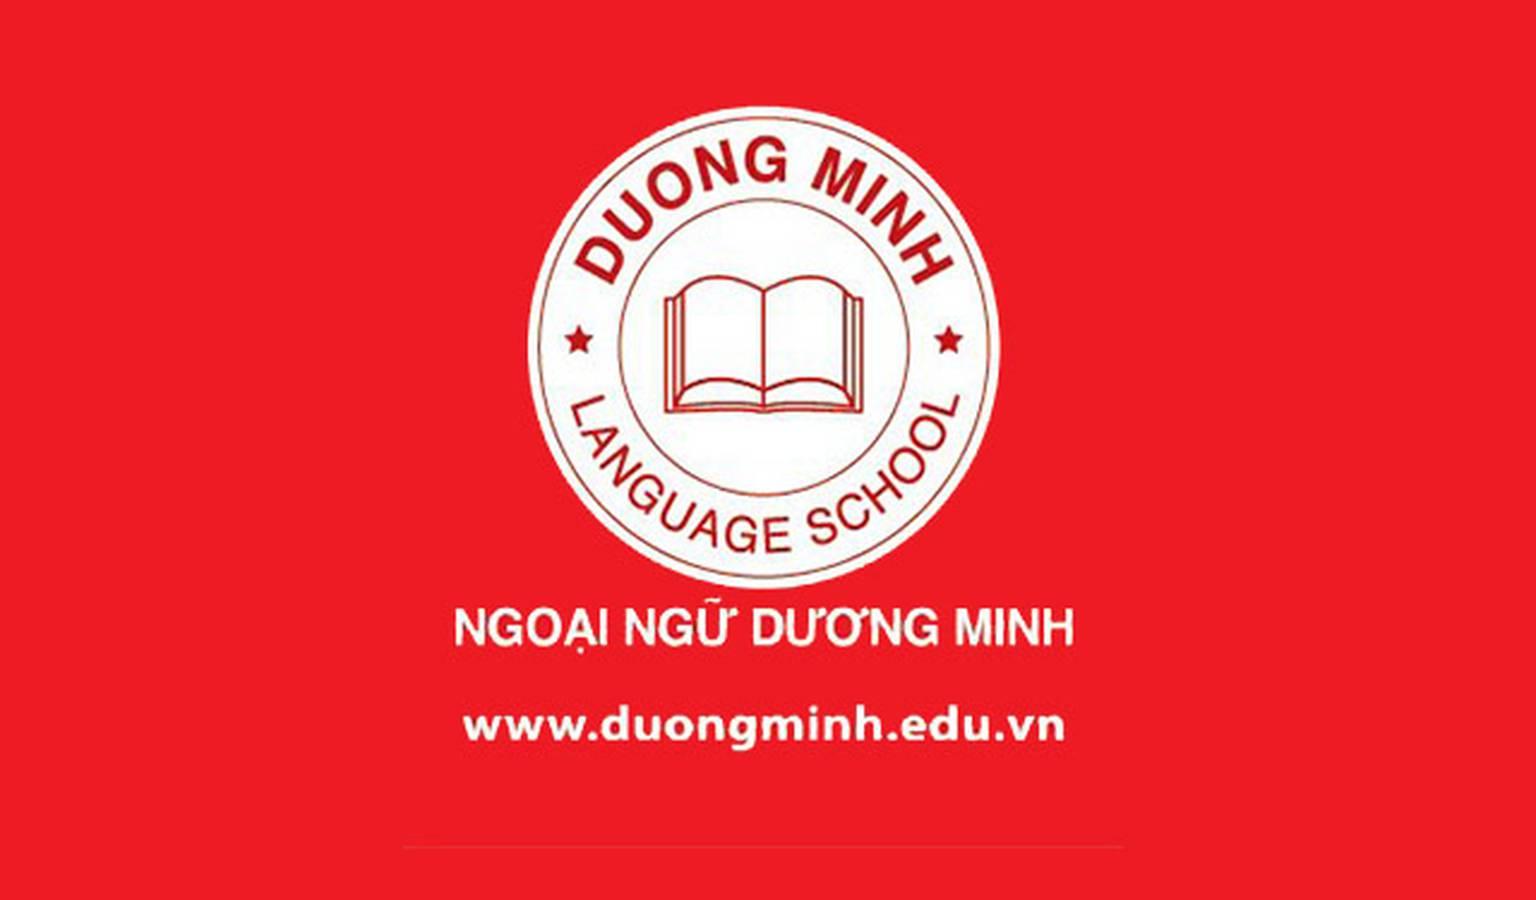 Ngoại ngữ Dương Minh